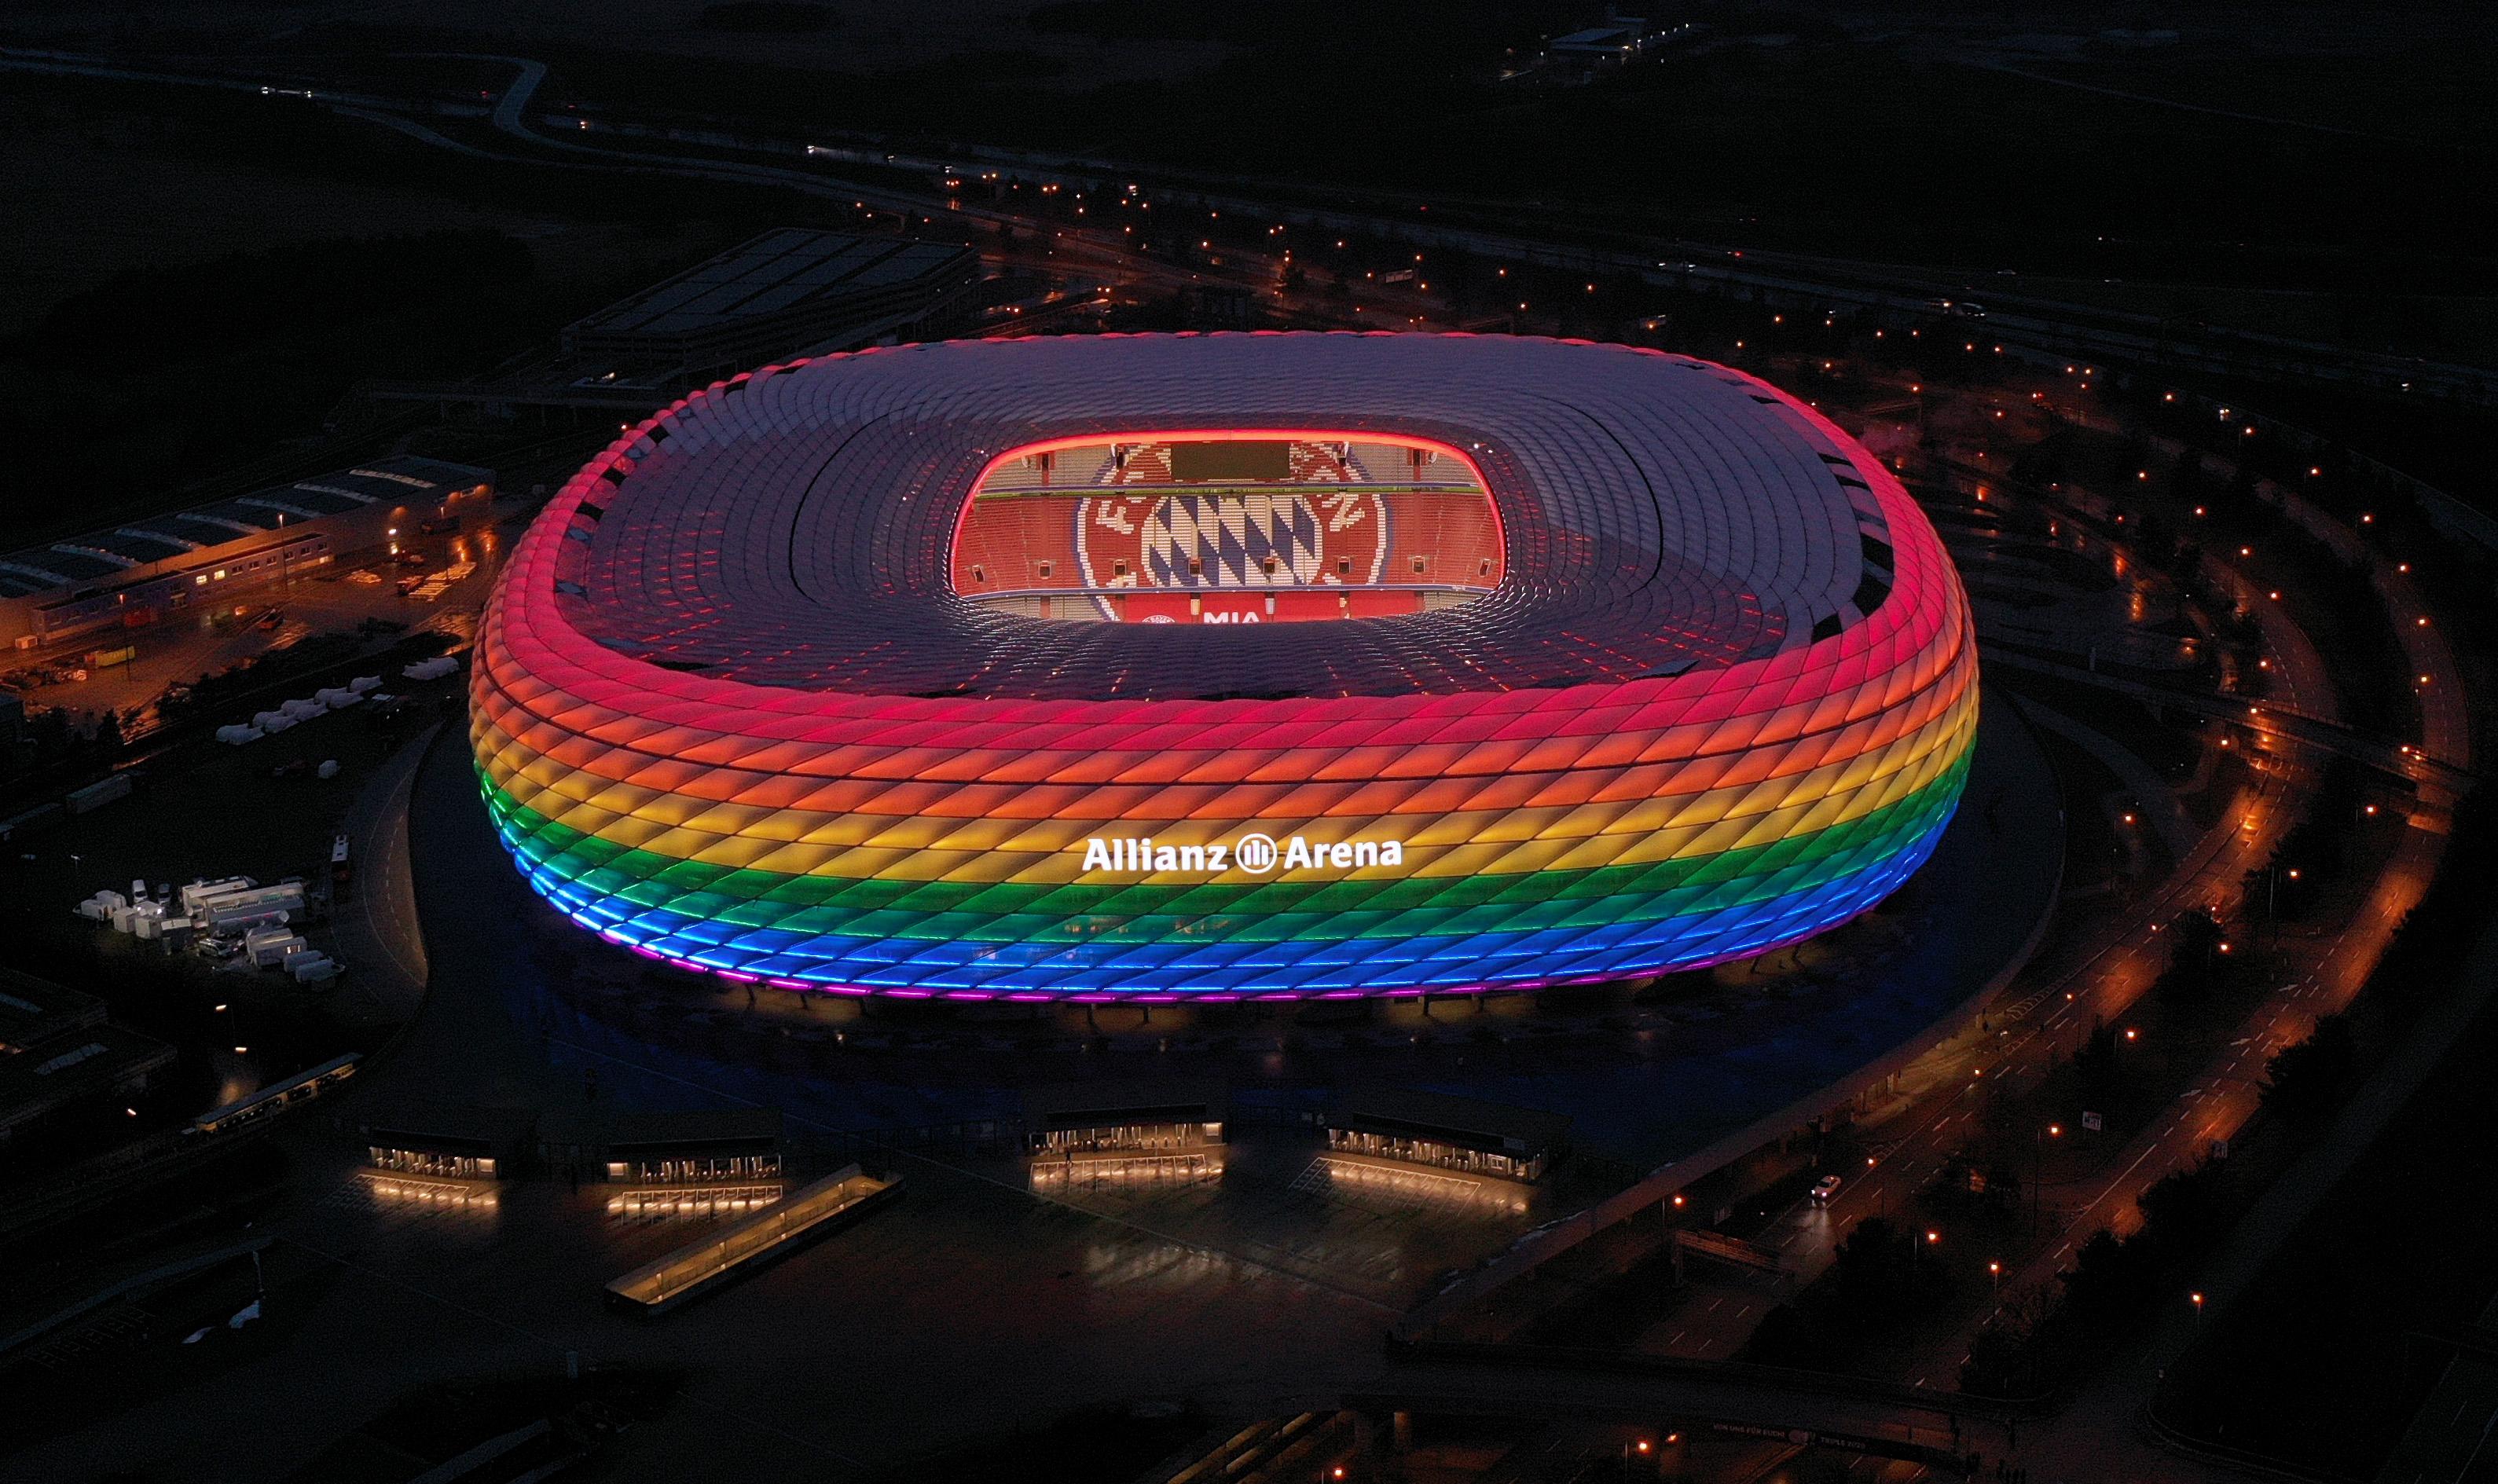 Allianz Arena em Munique, Alemanha, iluminada com as cores do arco-íris